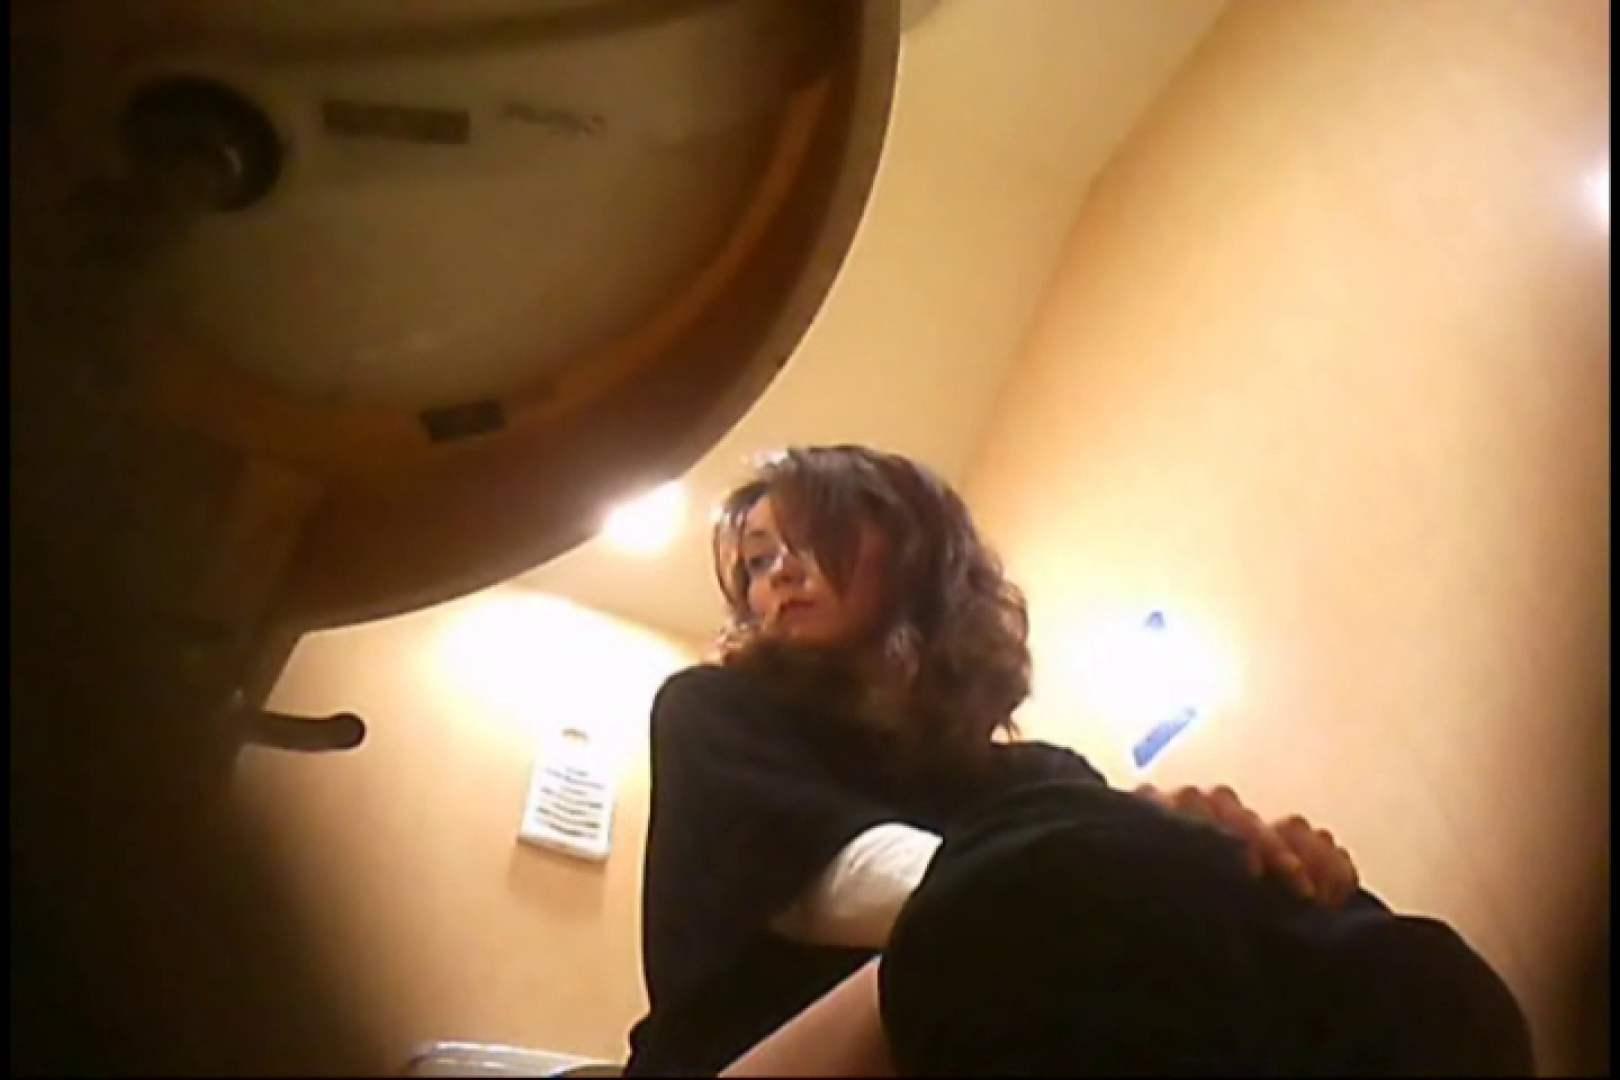 潜入!!女子化粧室盗撮~絶対見られたくない時間~vo,109 盗撮師作品 盗み撮り動画キャプチャ 98pic 92